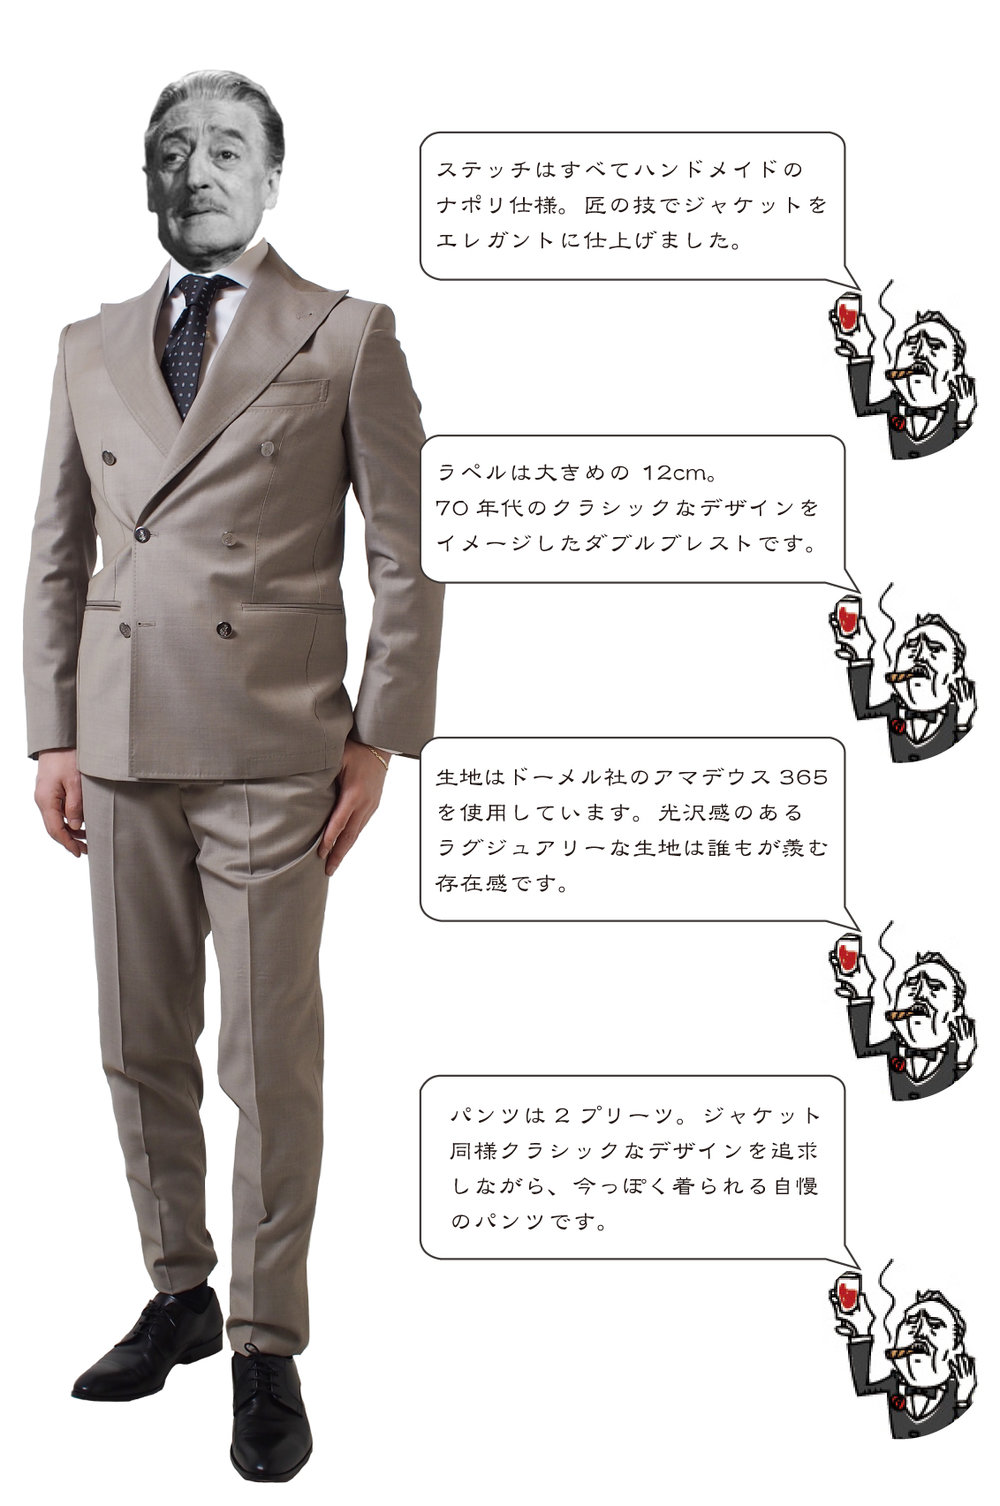 ダブルブレスト・スーツの特徴